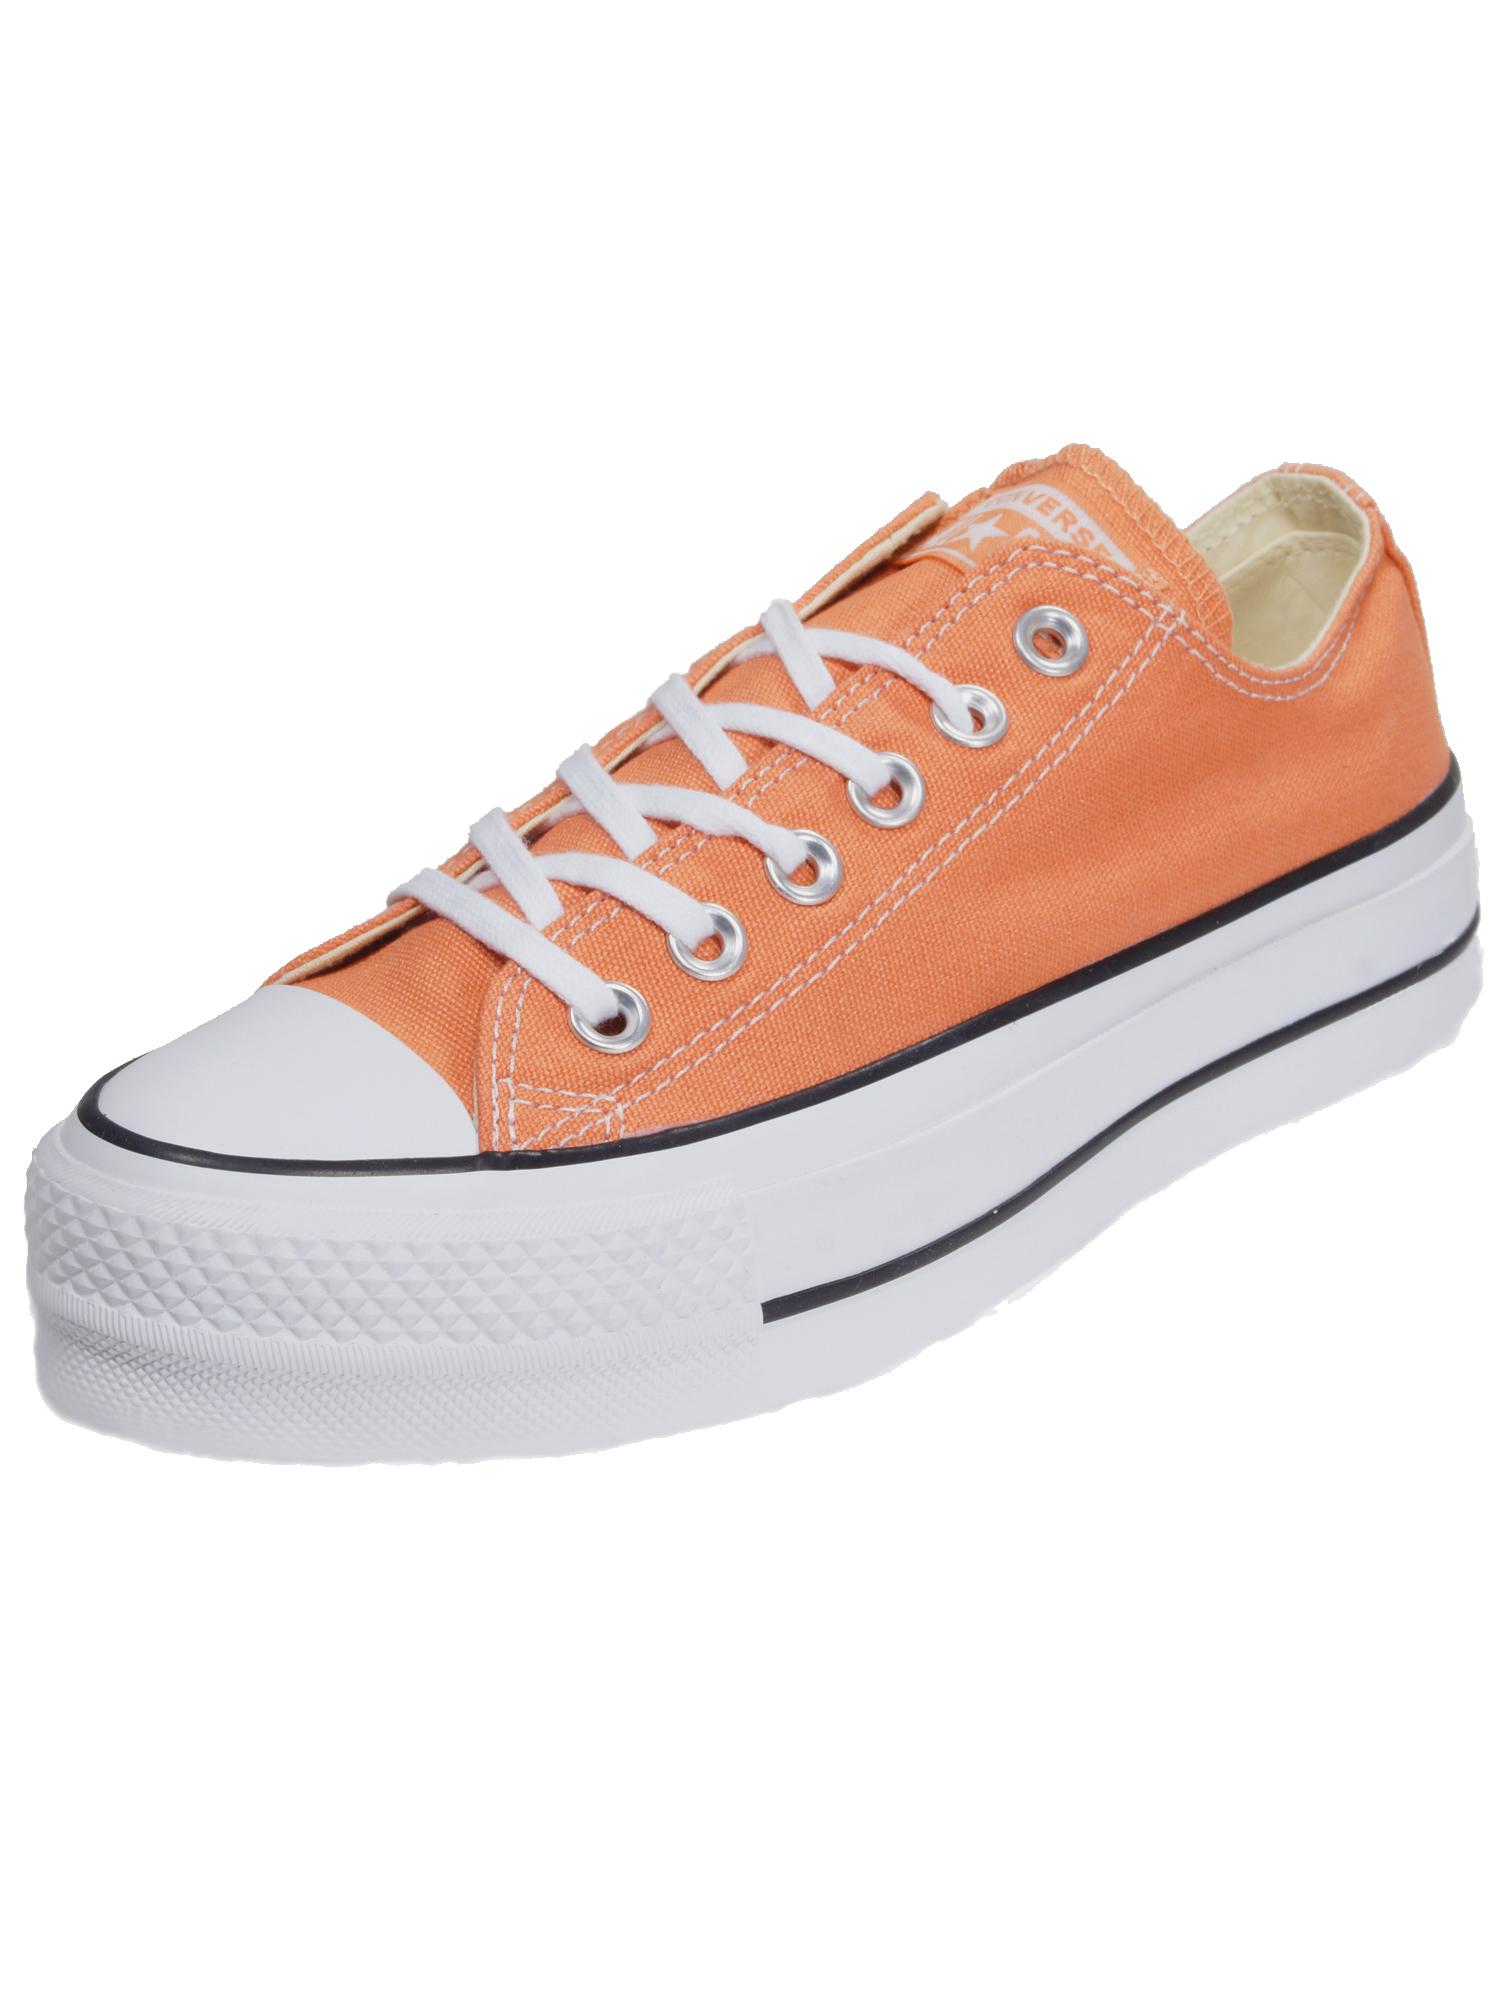 Converse Damen Schuhe CT All Star Lift Ox Orange Leinen Sneakers 37, 5